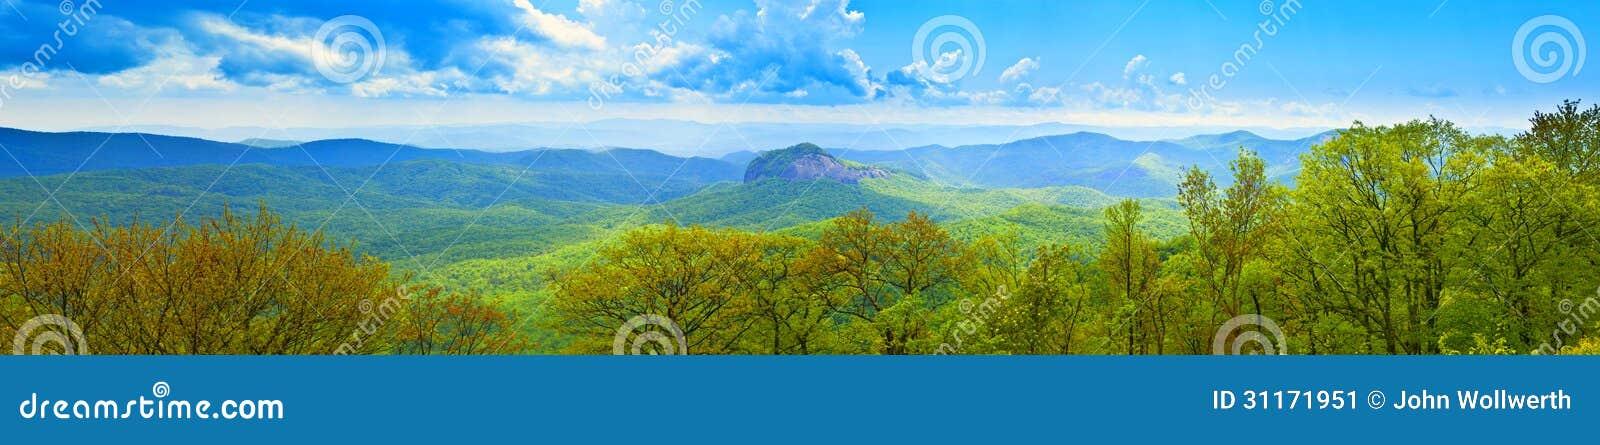 180 βαθμός πανοραμικός των μεγάλων καπνώών βουνών